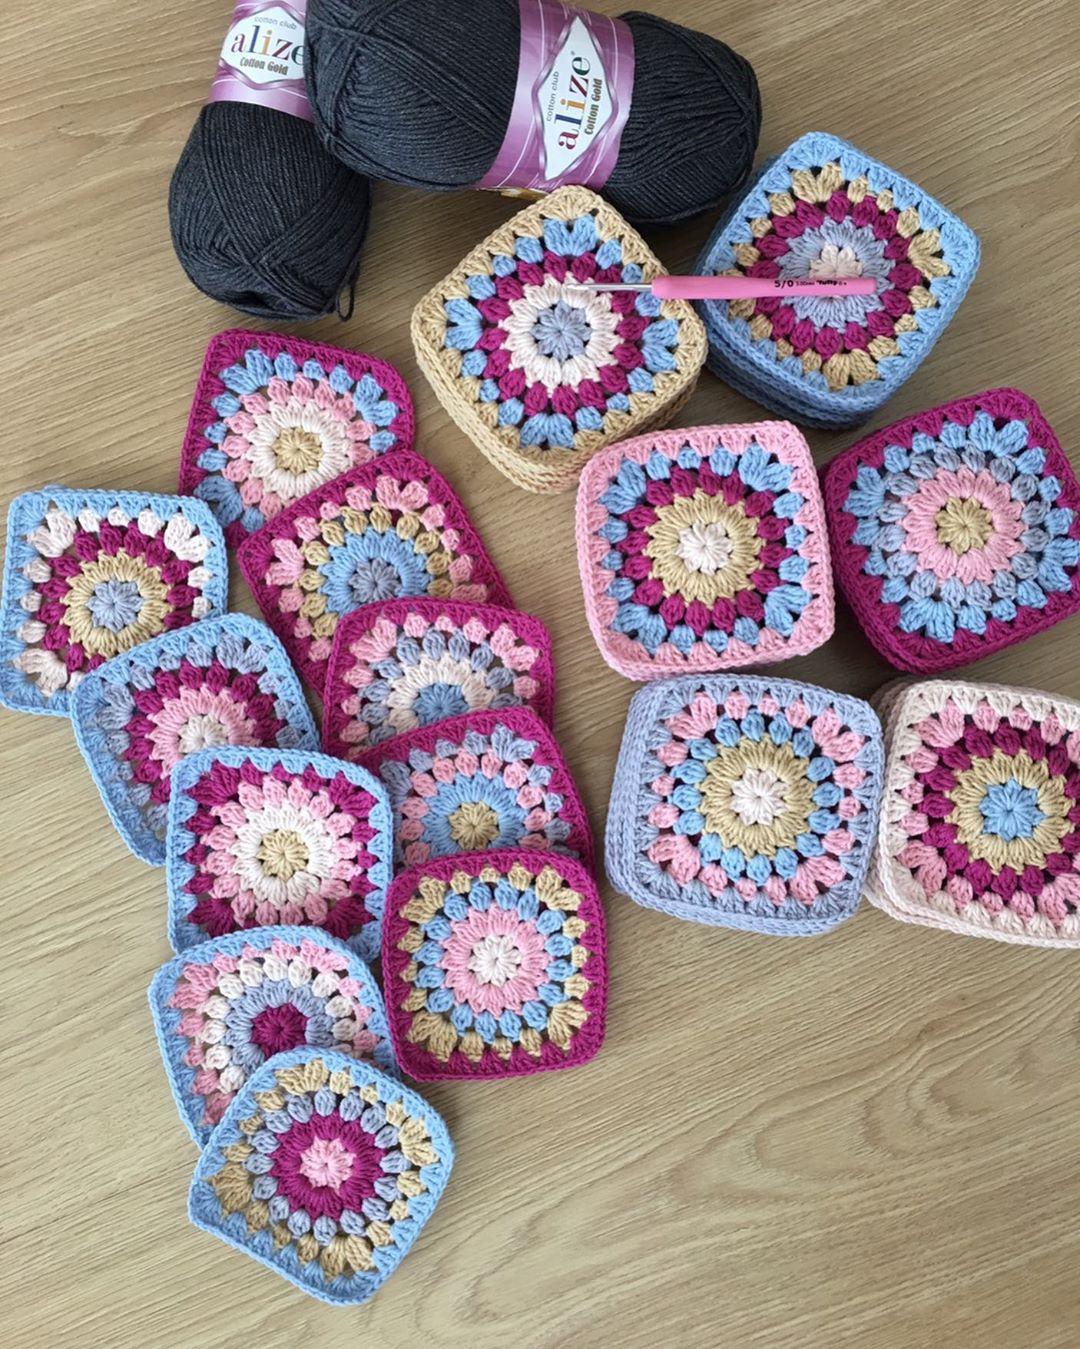 Günaydın☀️ Mutlu Perşembeler Diliyorum H Throwbackthursday - Baby Crochet